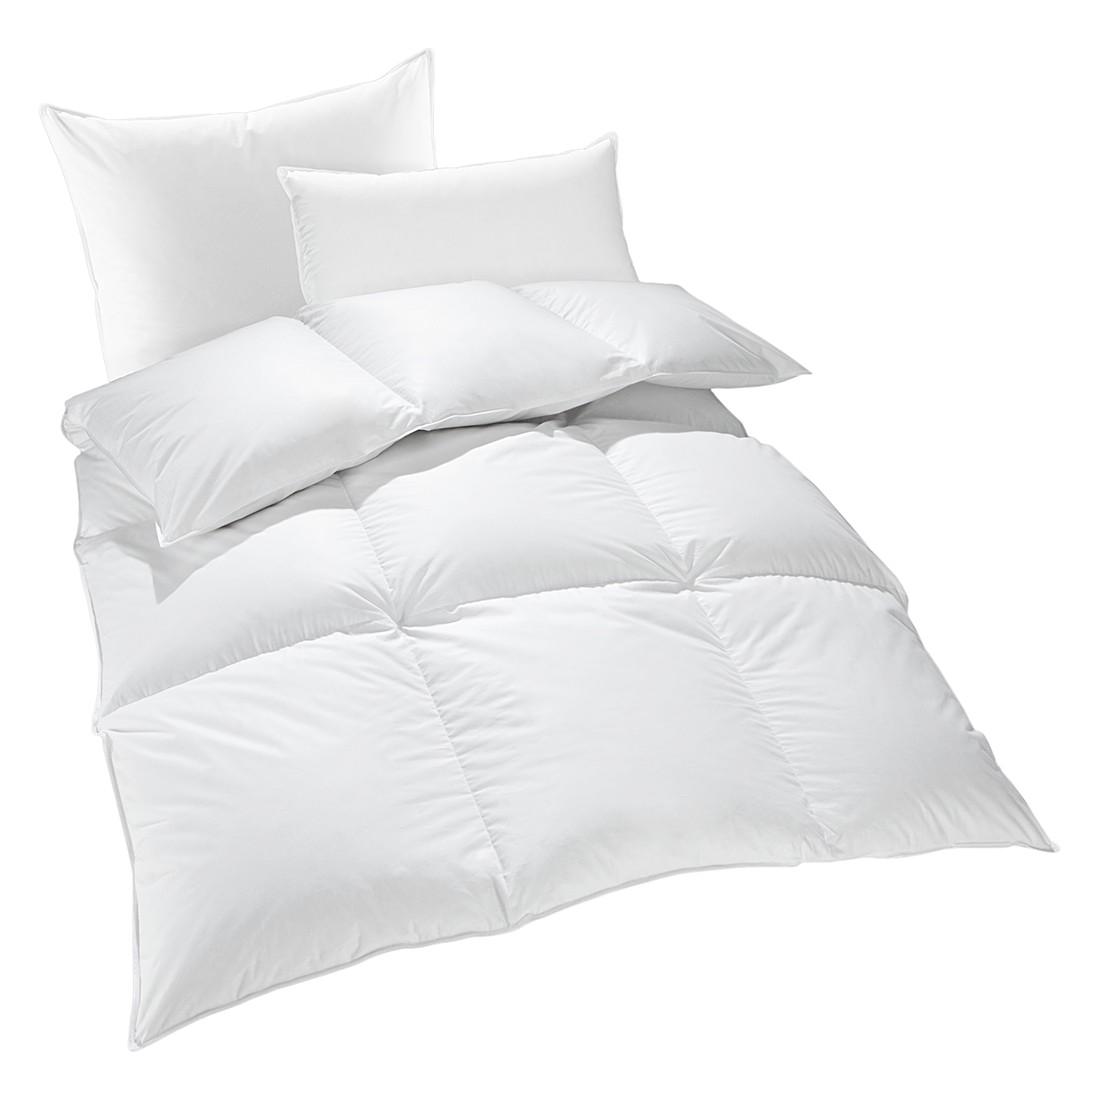 couette duvet et plumes pyrenex mod le bayonne prix et offres pyrenex. Black Bedroom Furniture Sets. Home Design Ideas